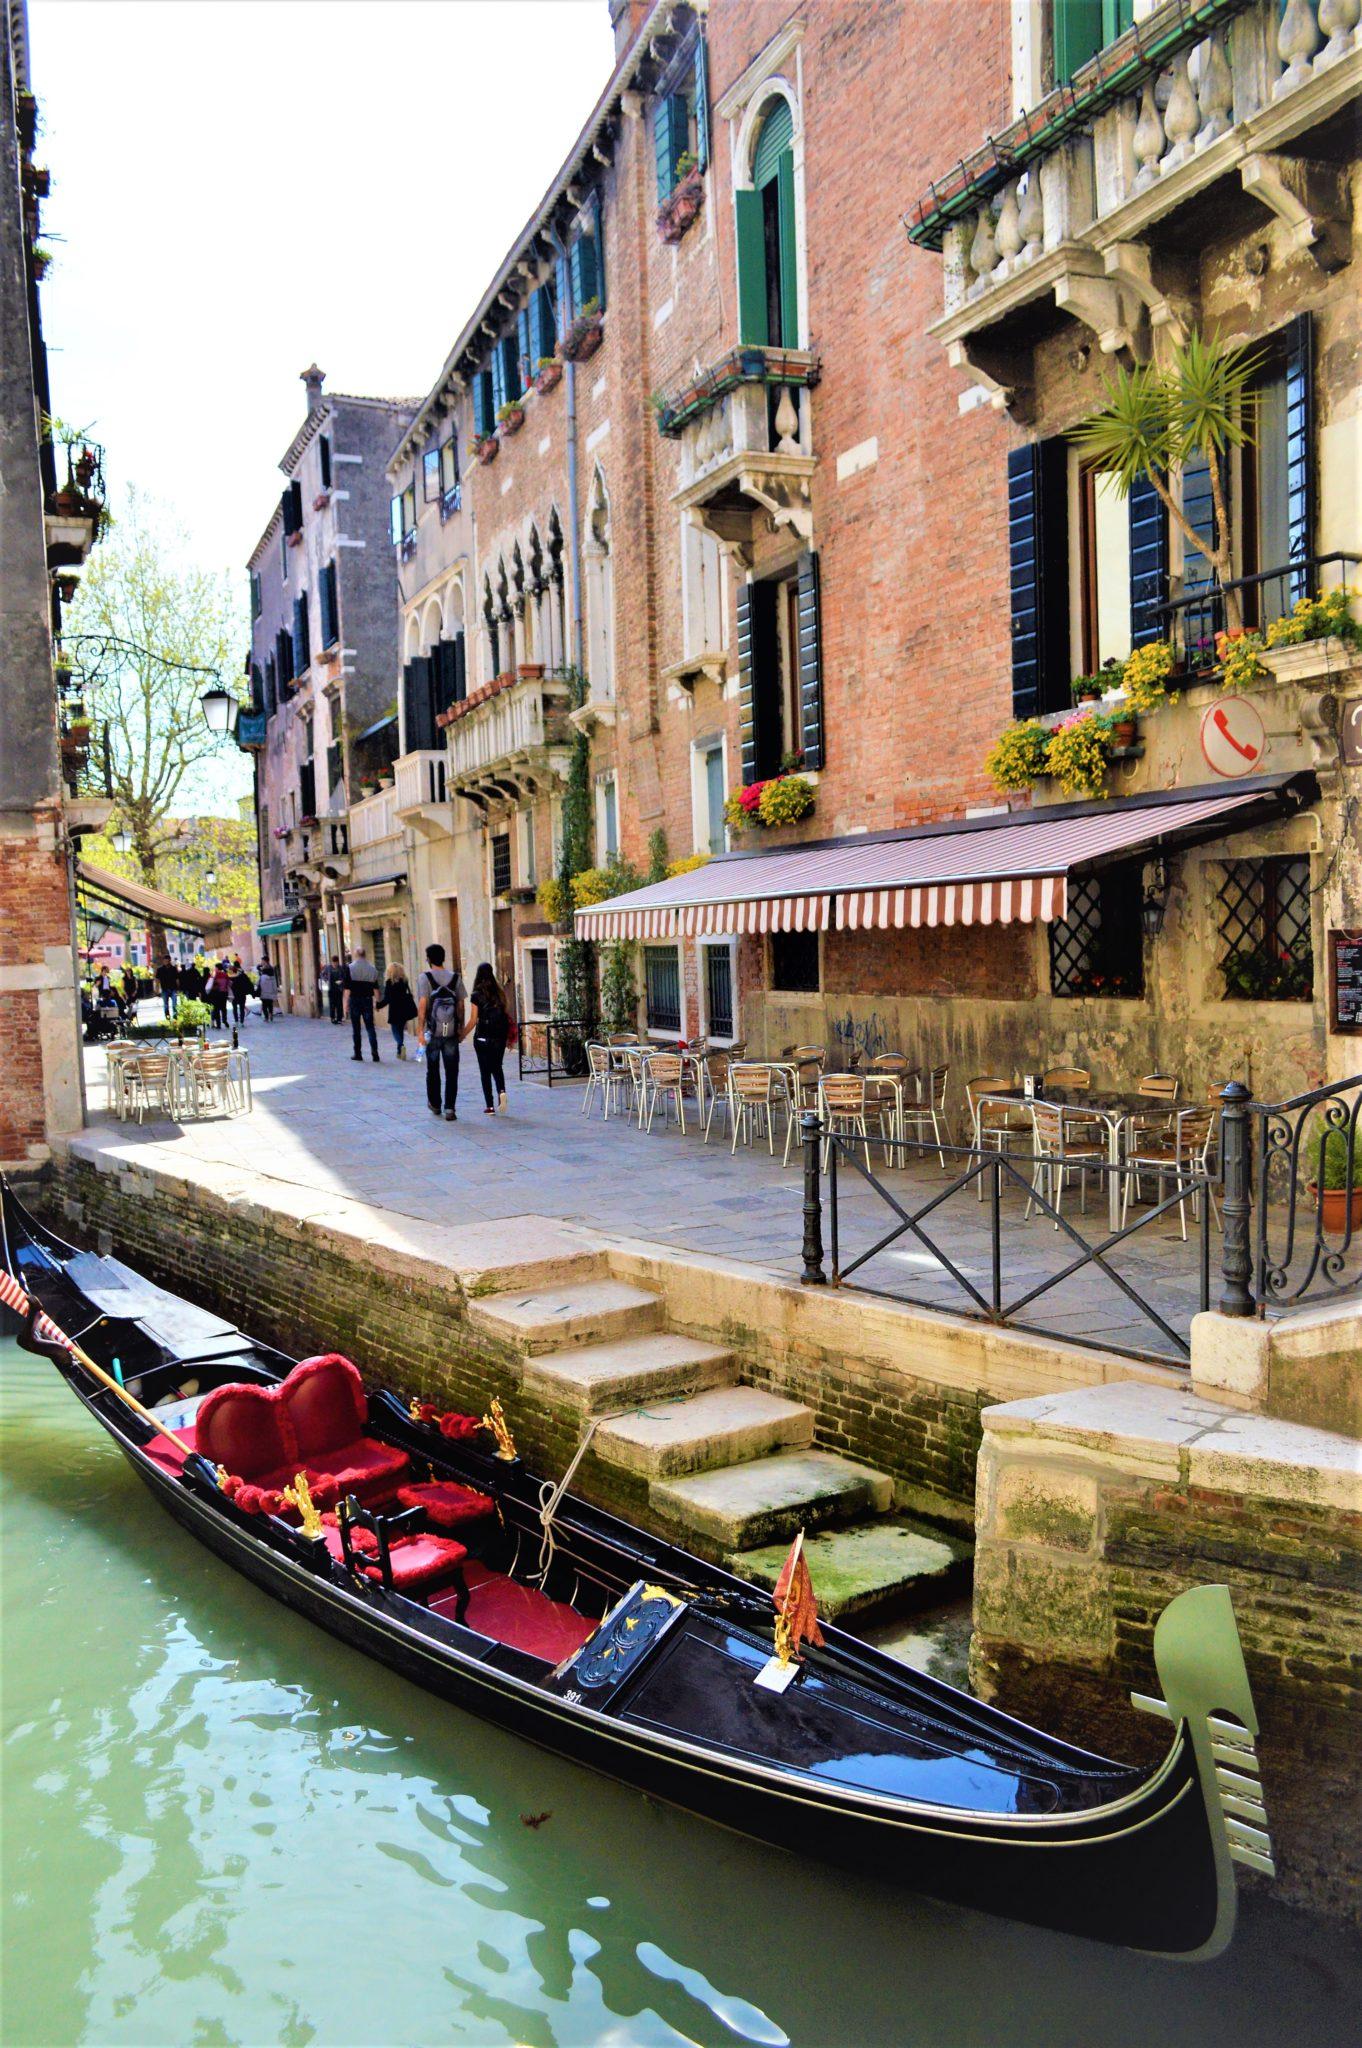 Empty gondola, Venice, Italy